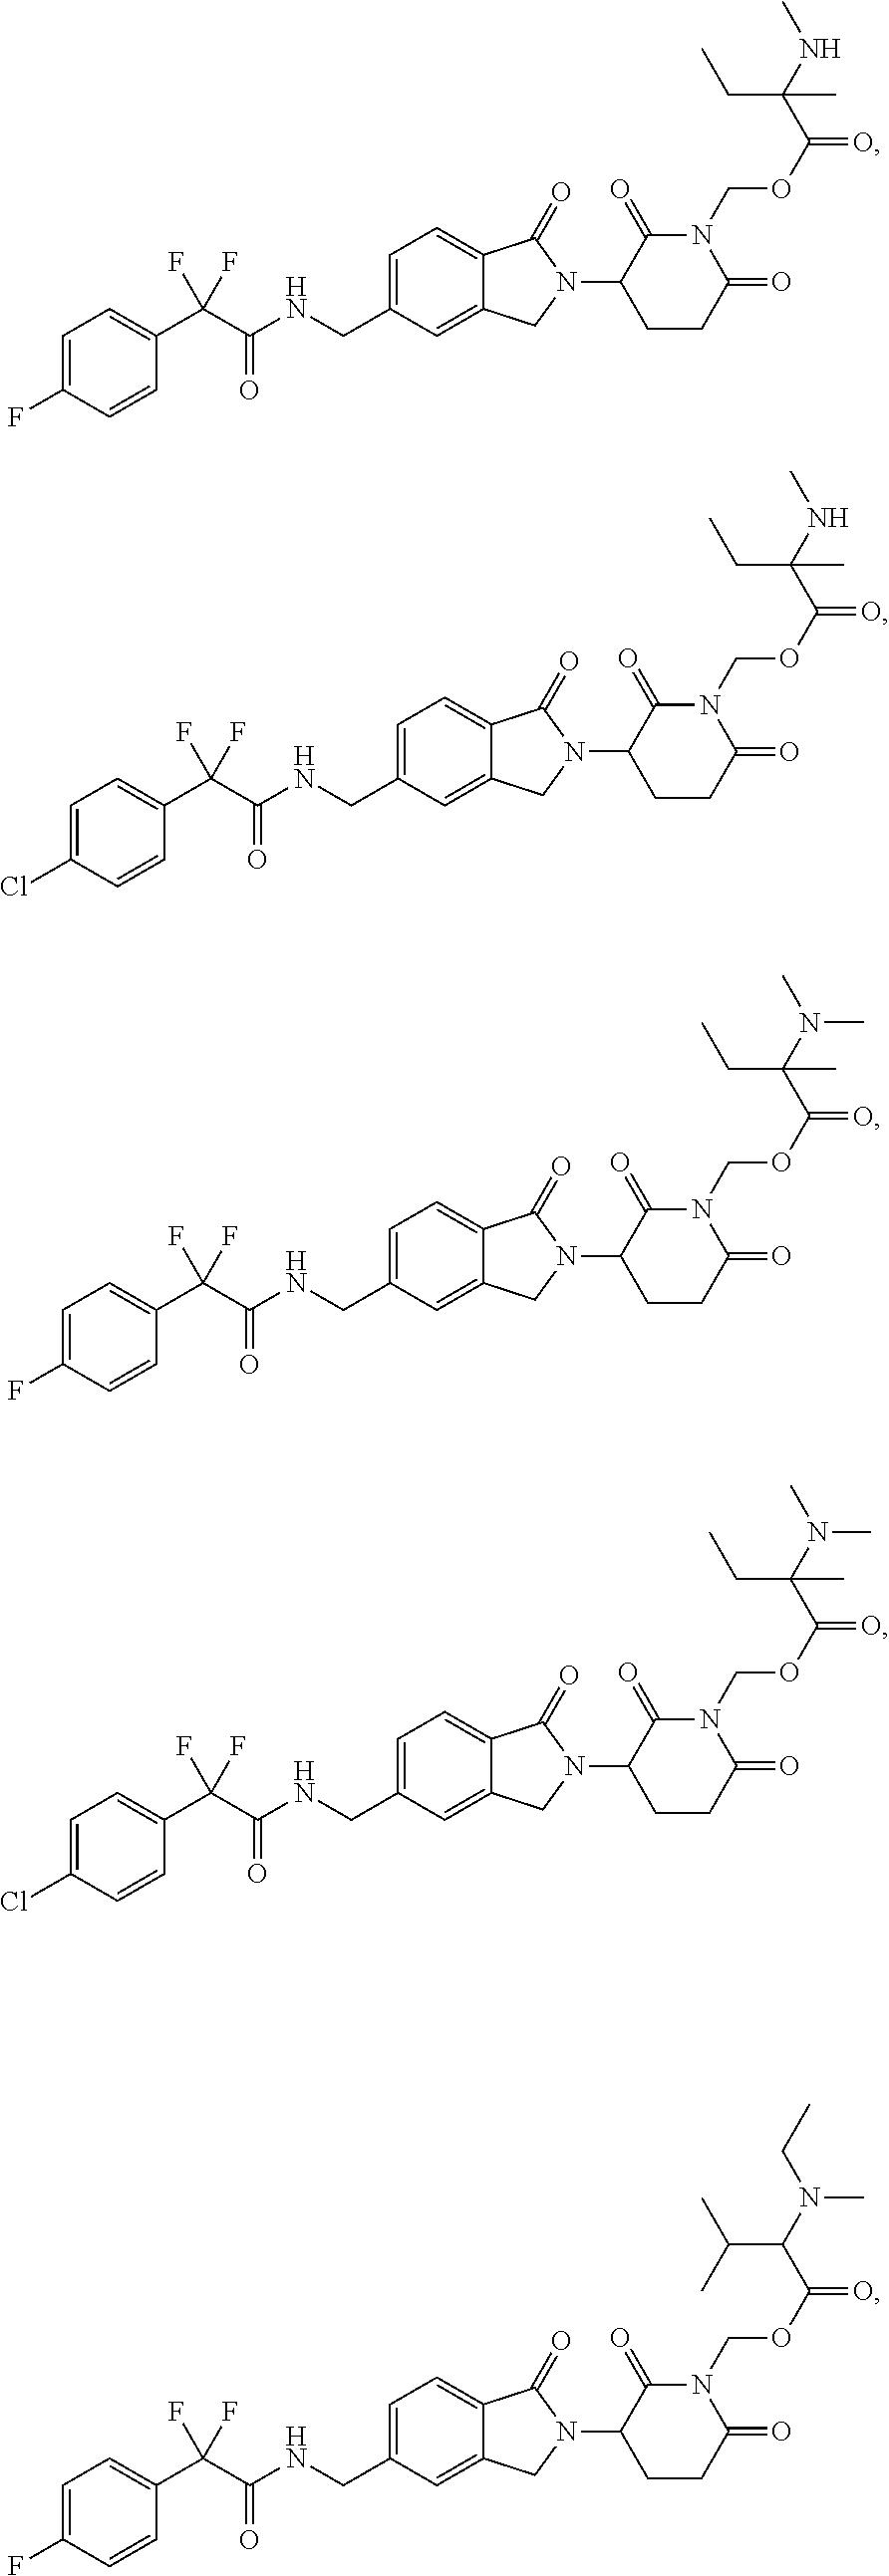 Figure US09938254-20180410-C00047